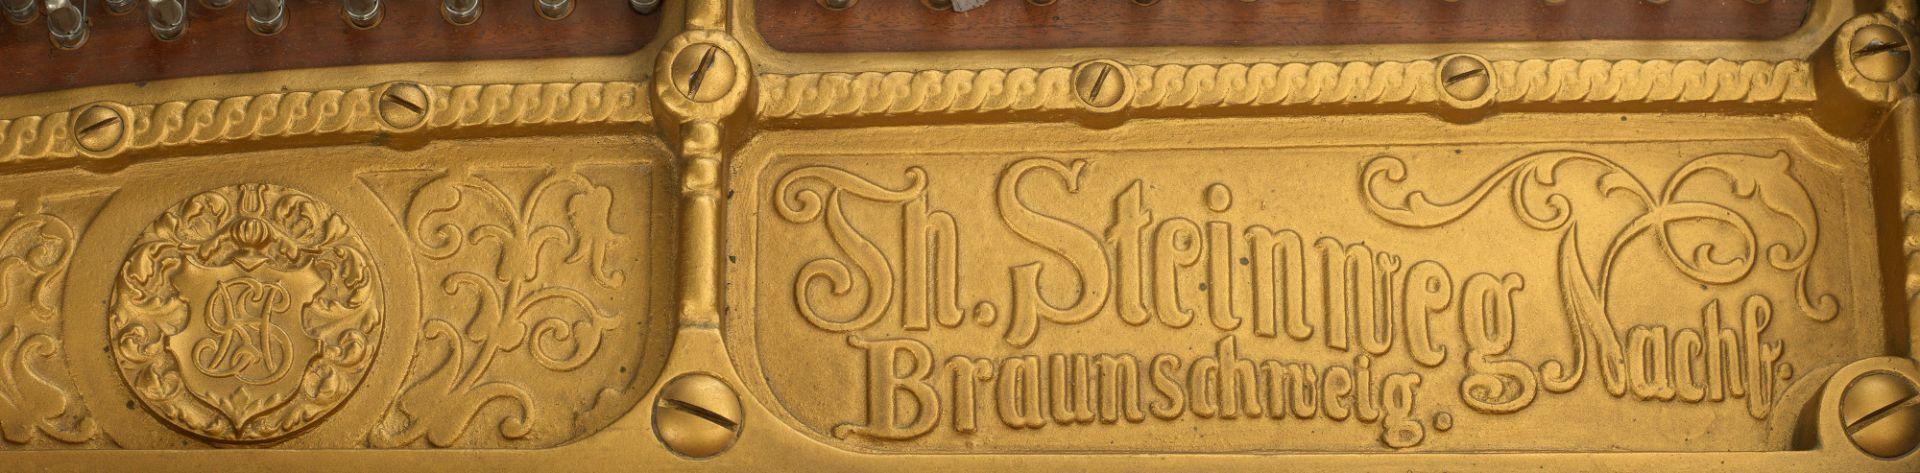 Halbkonzertflügel von Steinweg Nachfolger - Bild 3 aus 4